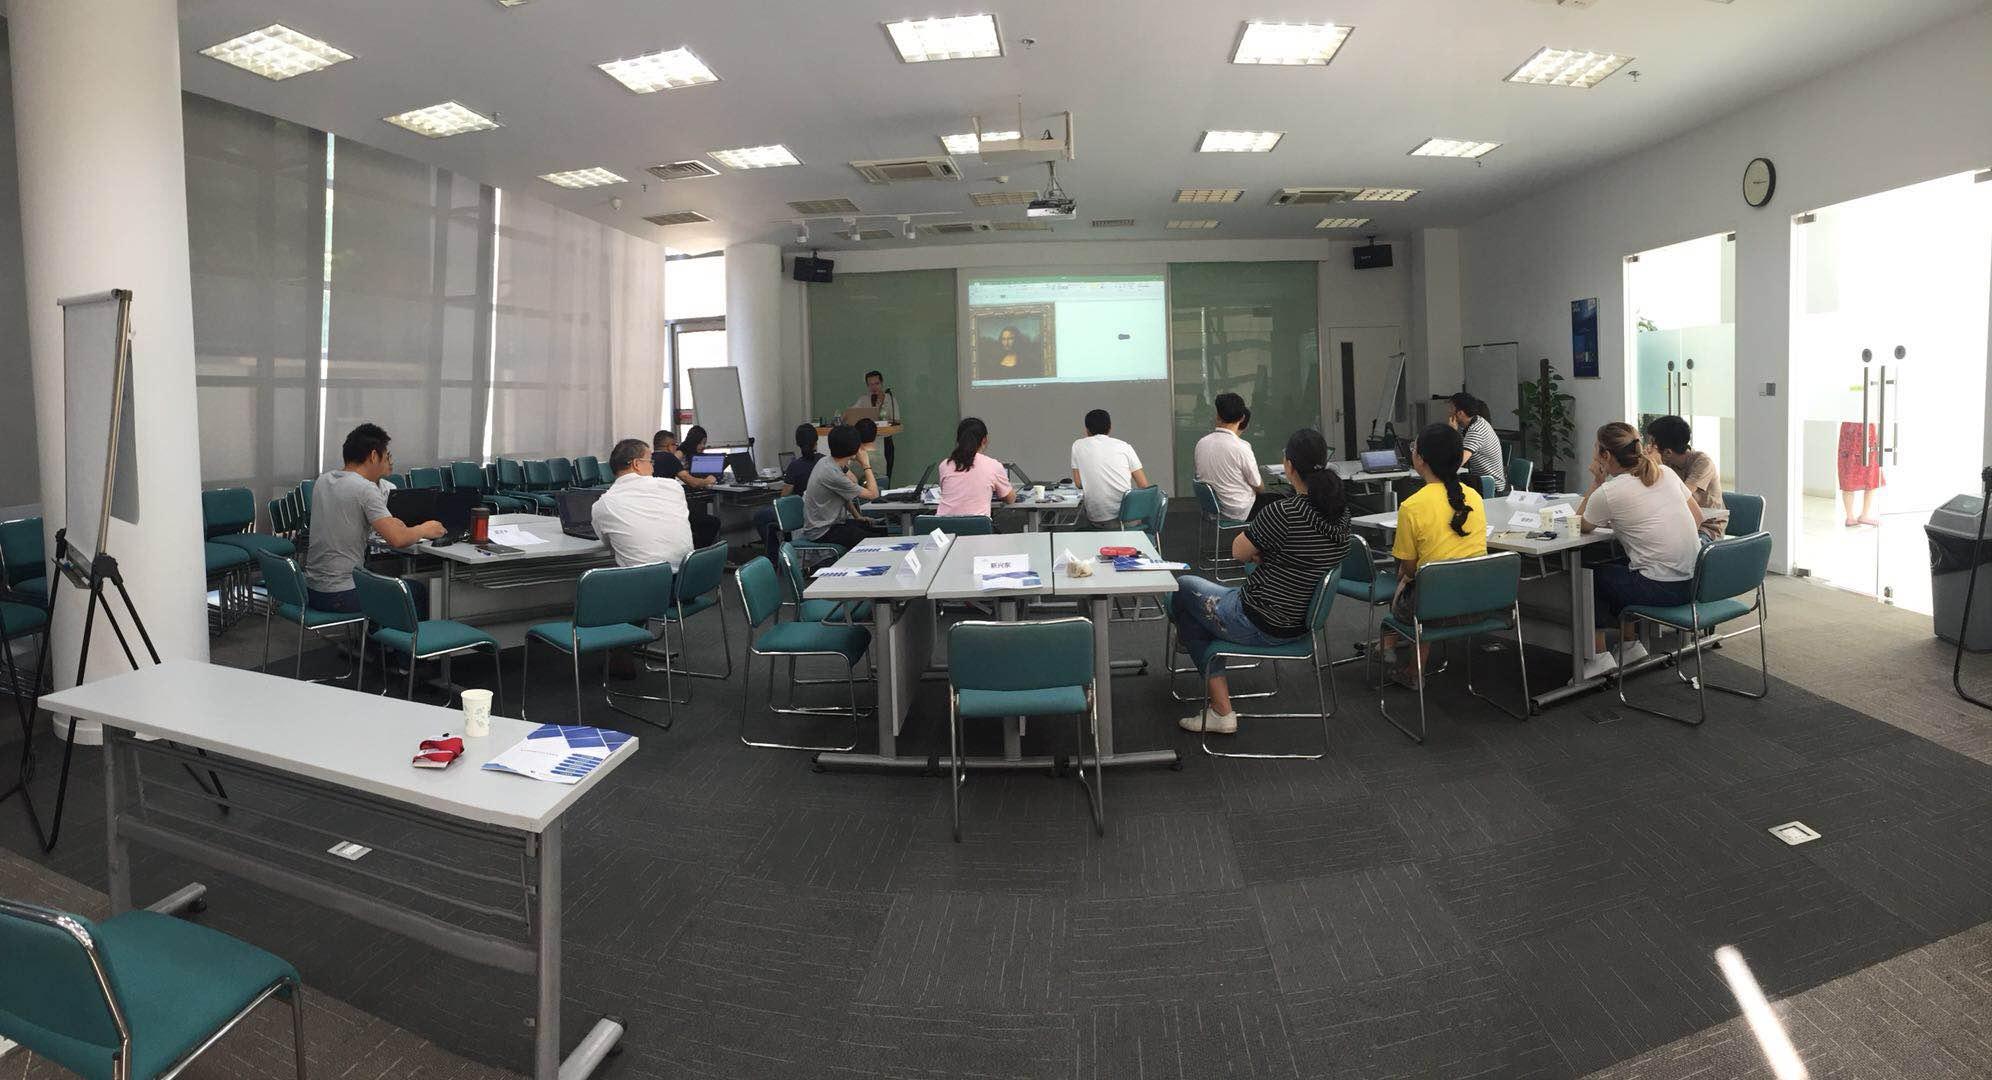 2018年6月22日四硕走进圣戈班集团提供EXCLE专家级企业级内训